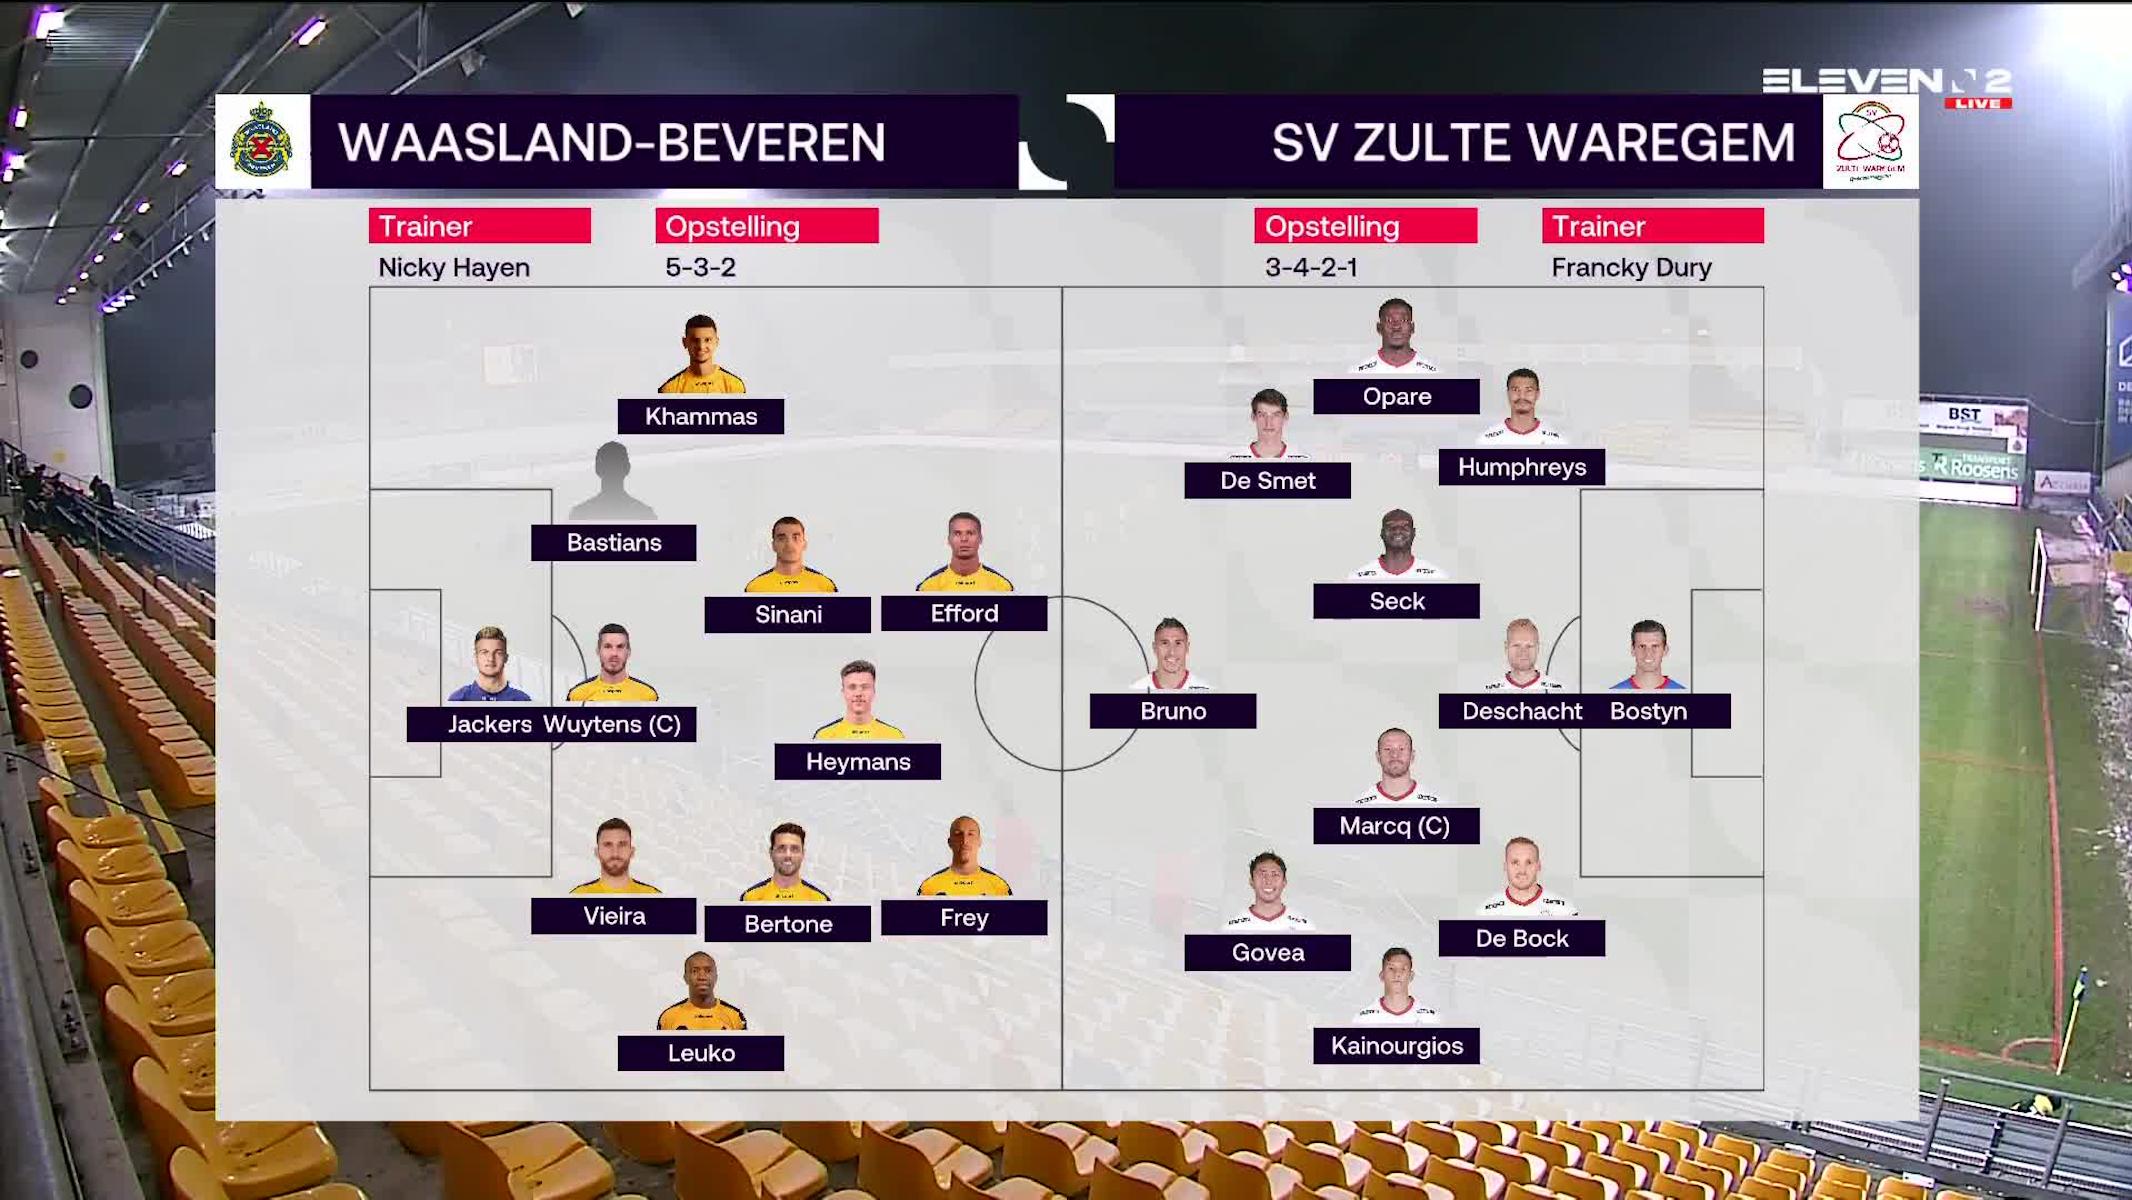 Samenvatting Waasland-Beveren vs. SV Zulte Waregem